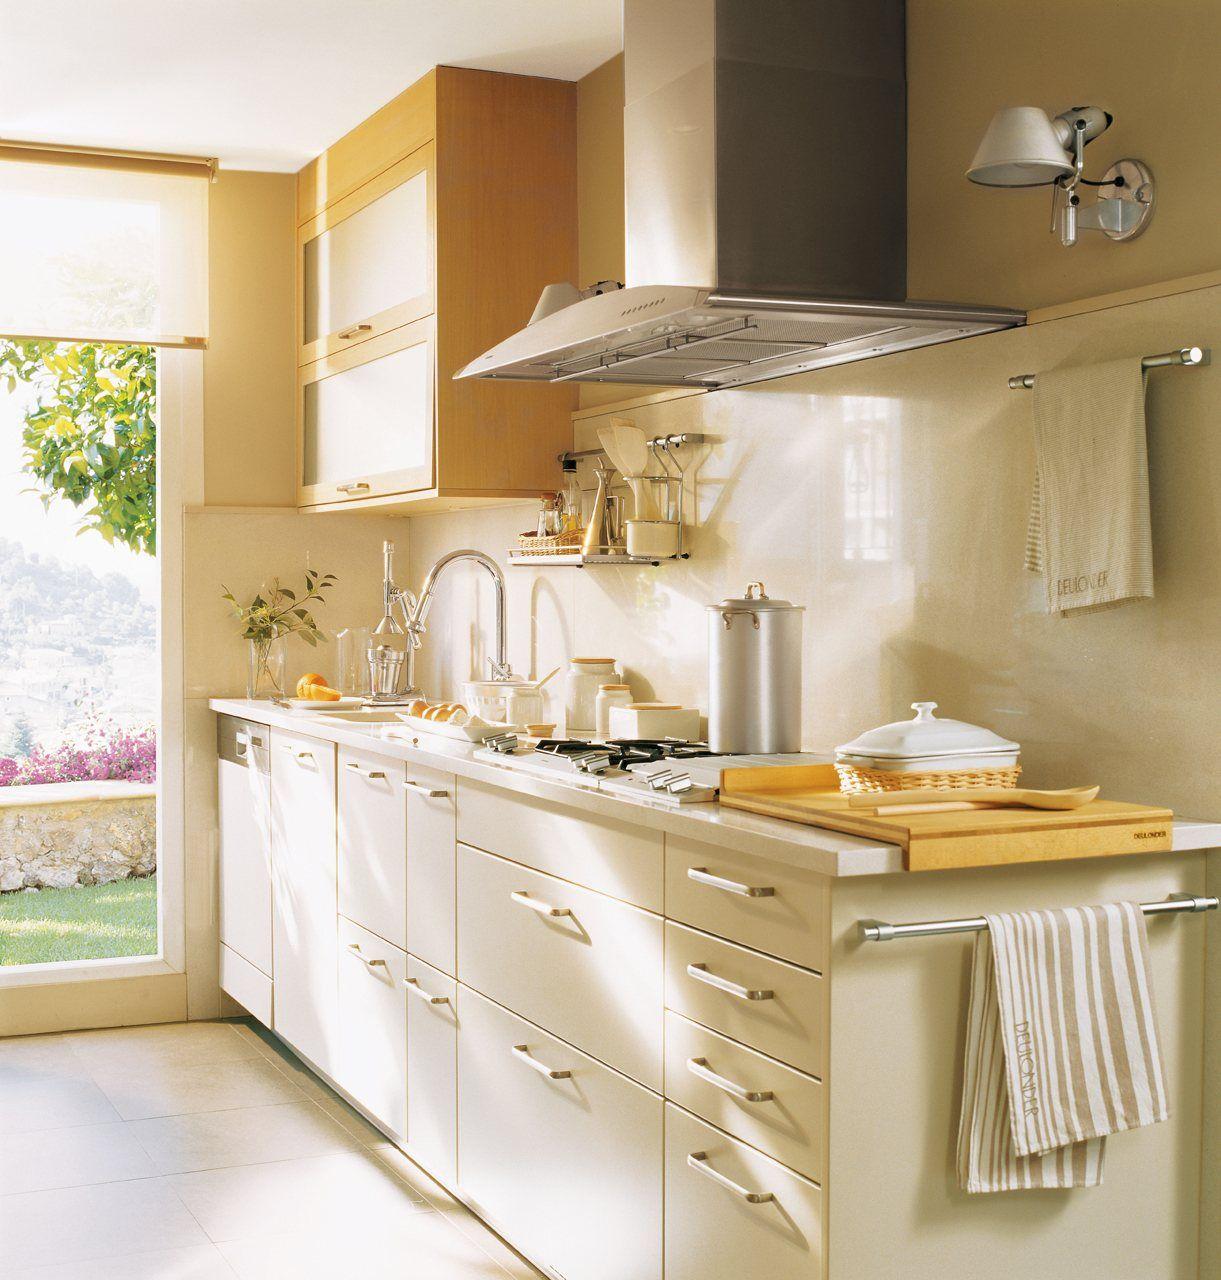 20 Cocinas Pequenas Y Muy Bonitas Home Kitchen Style - Cocinas-pequeas-y-practicas